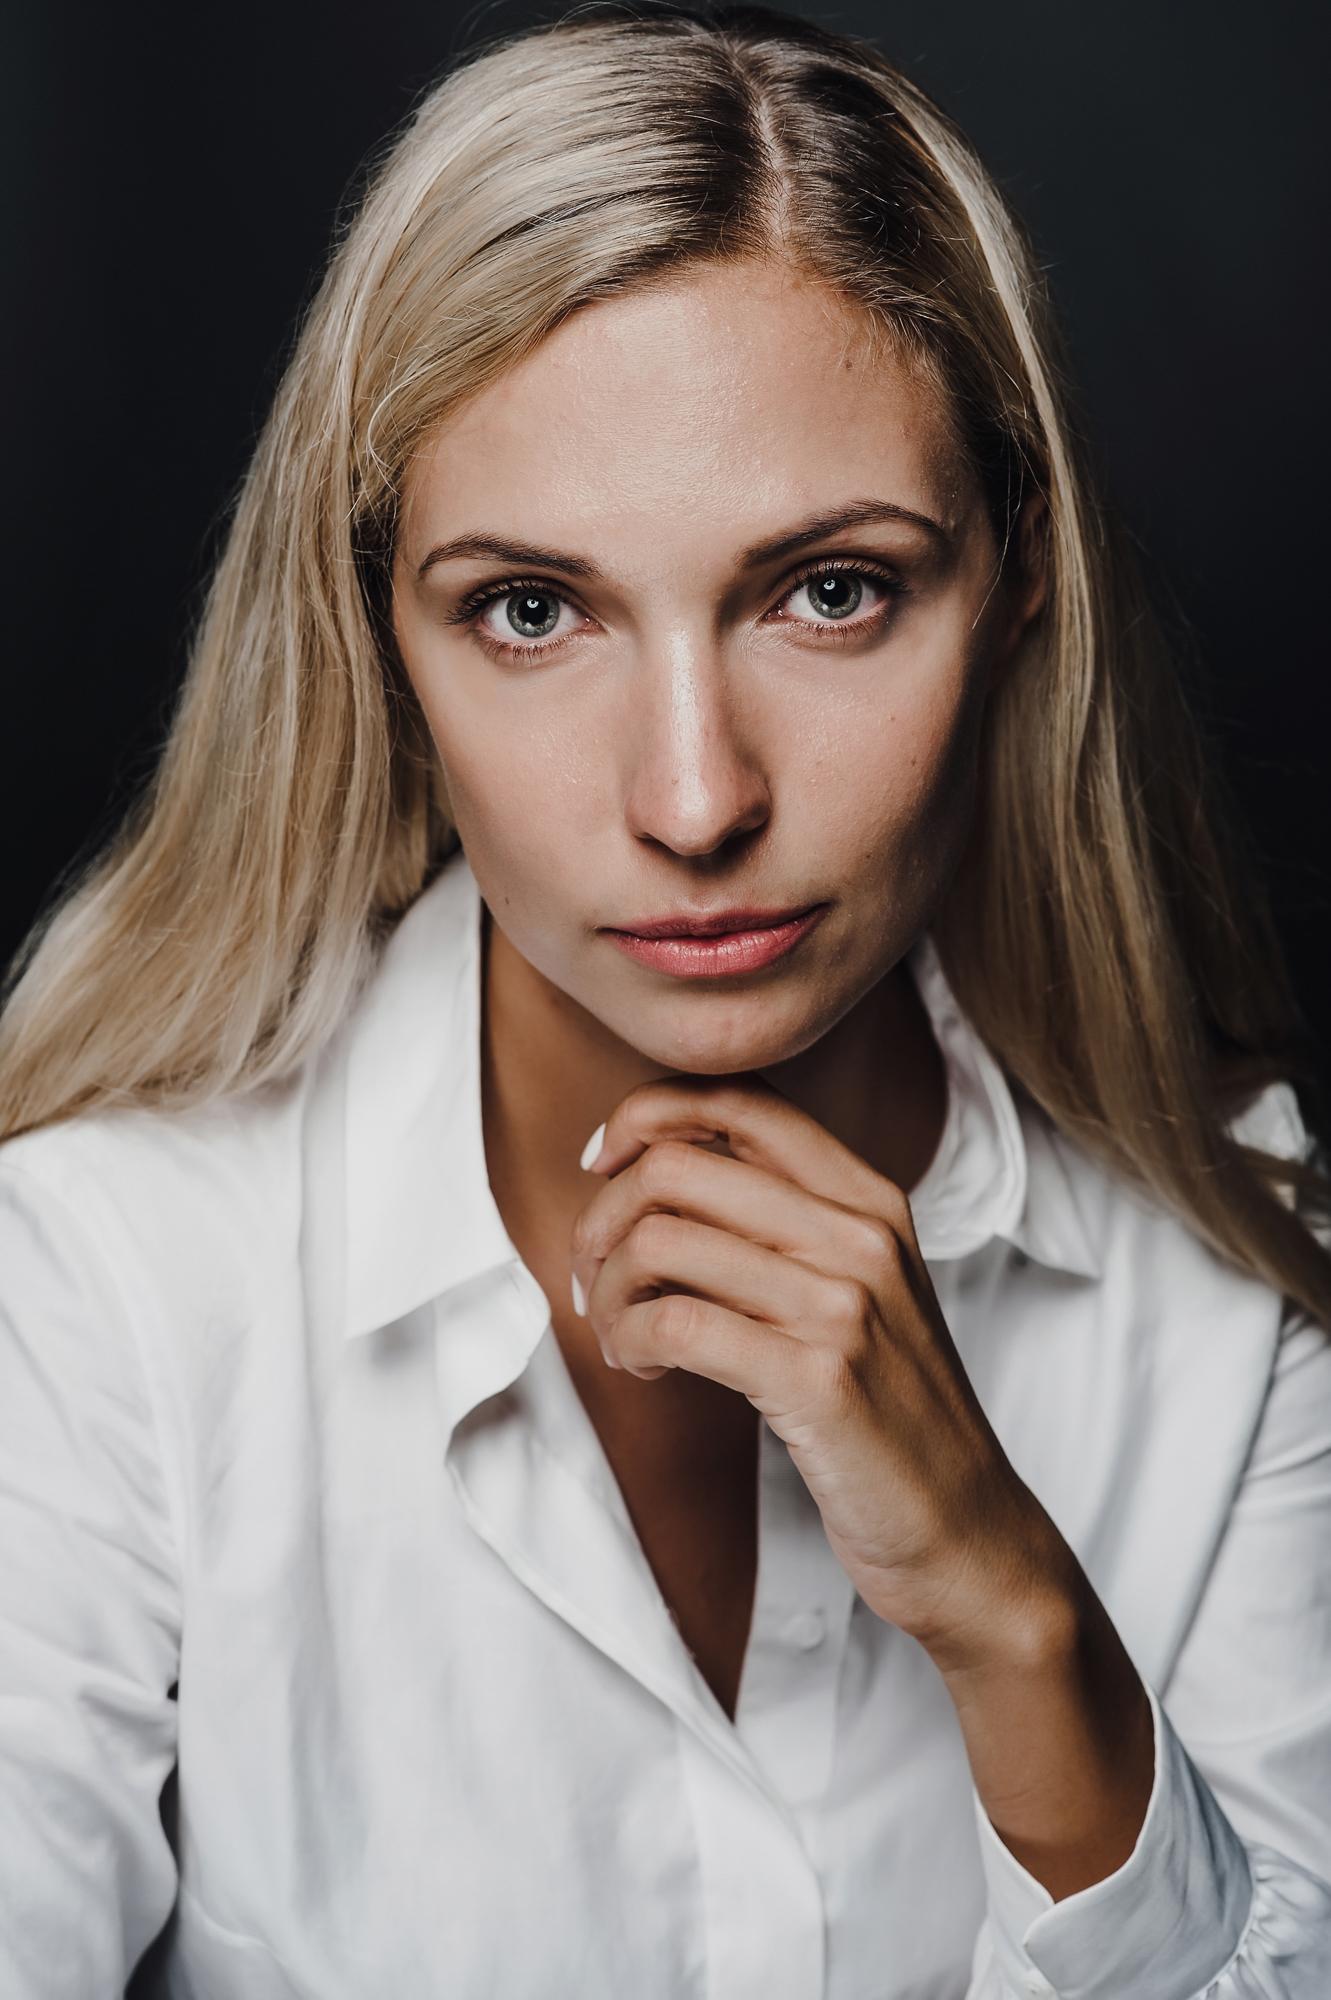 007 деловой портрет